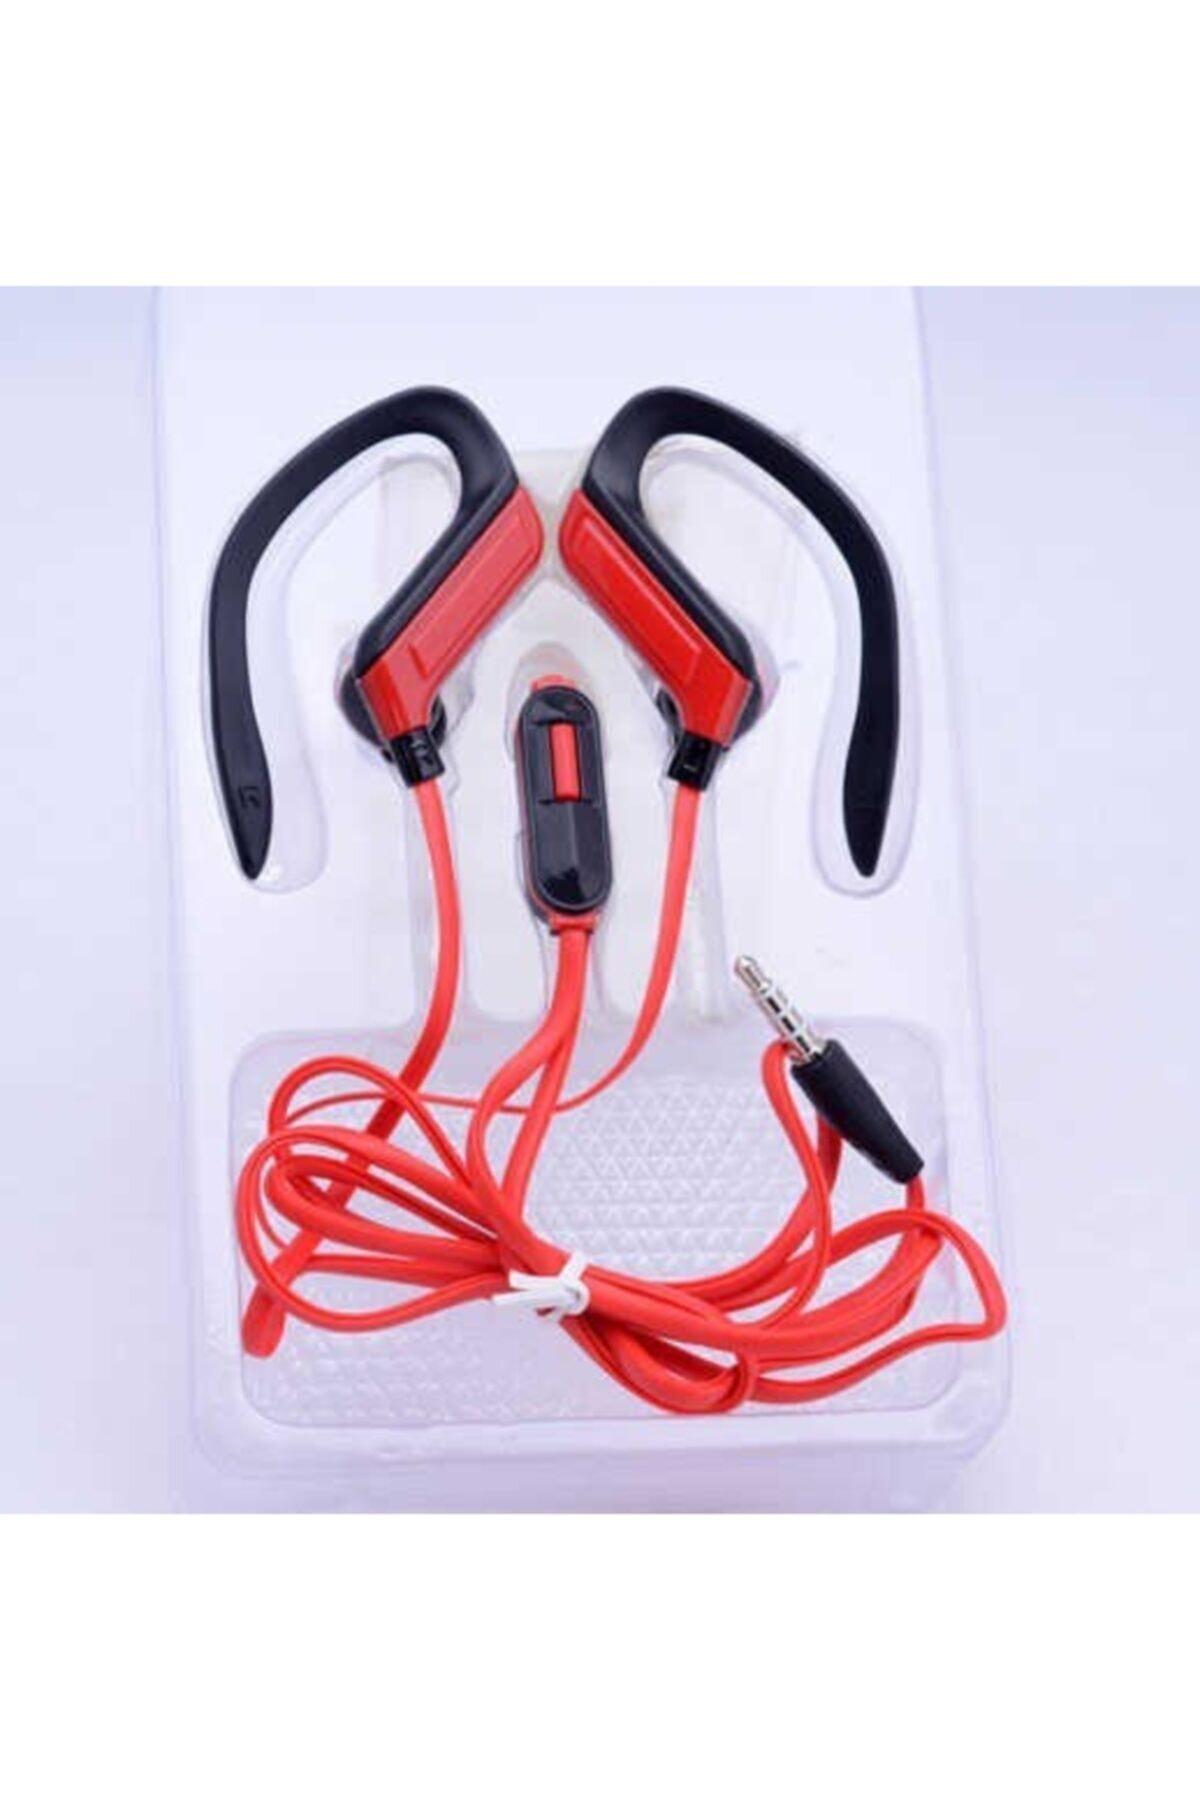 zore Gx-1218 Mp3 Stereo Kulaklık 2